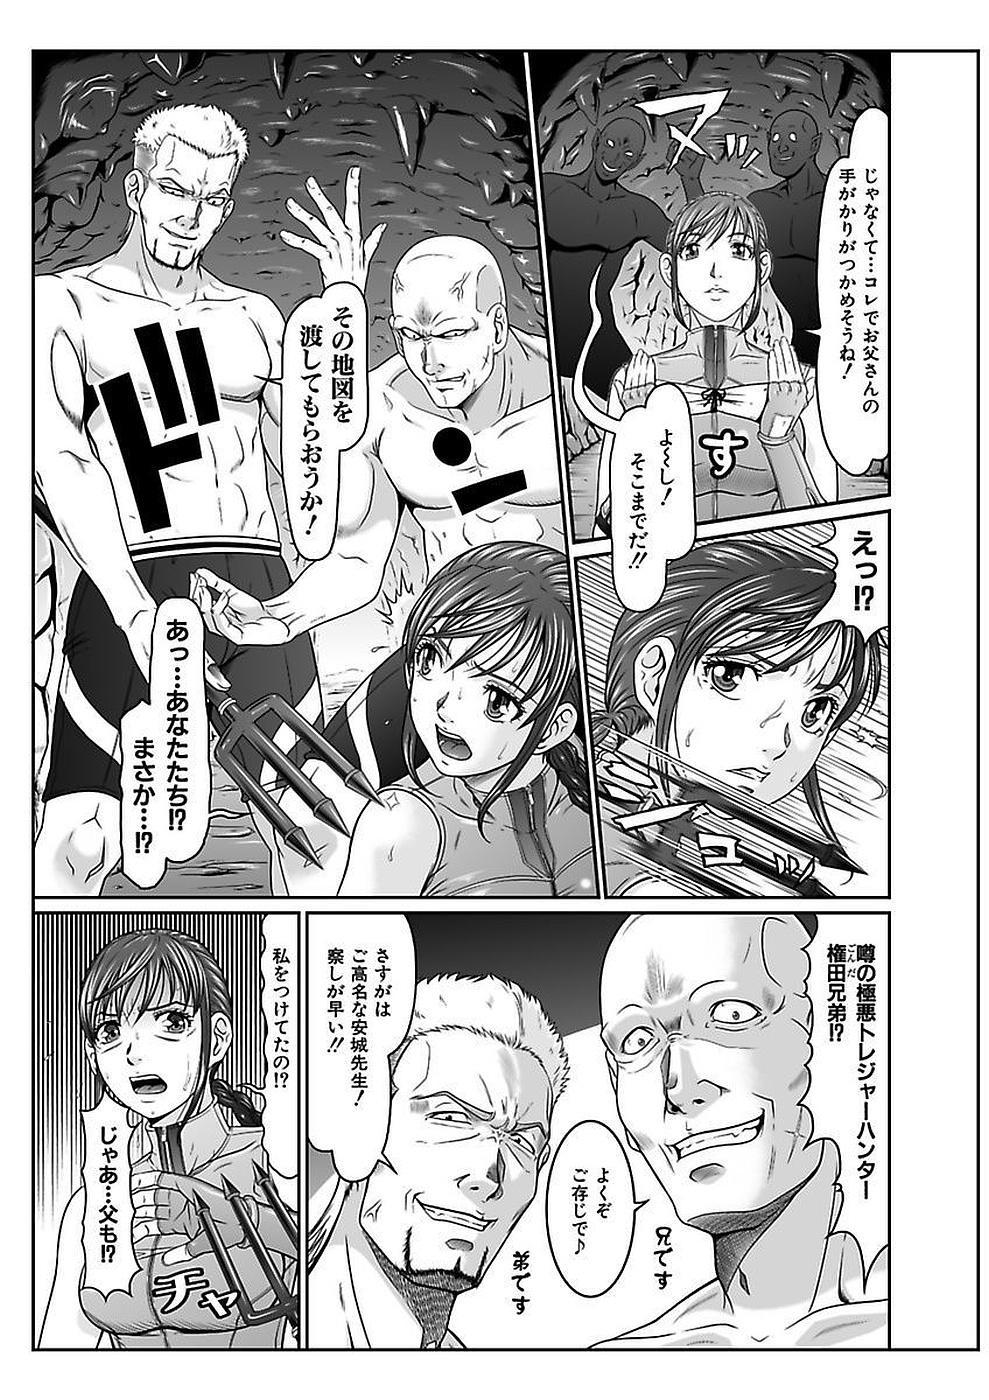 [Kurono Masakado] Dengeki Zecchou! Hihoujima ~Chikyuu no Oku ni Sasowarete~ Joukan 6